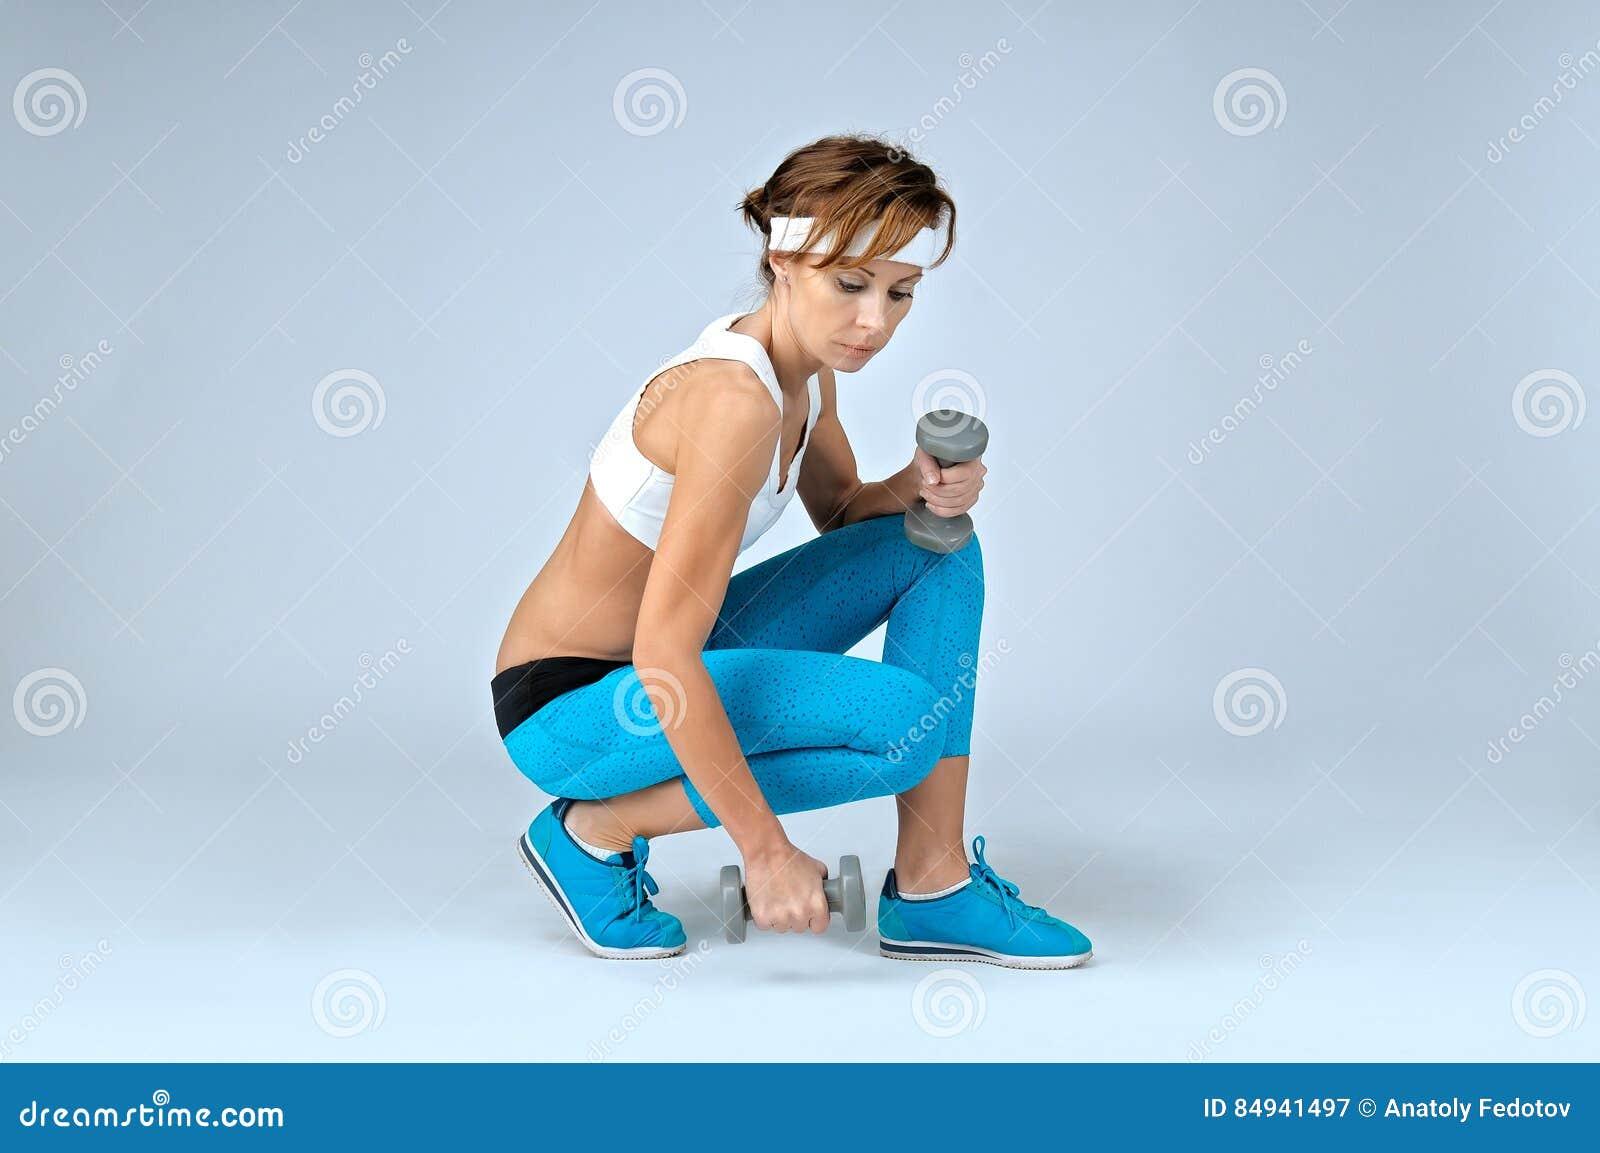 Όμορφη προκλητική γυναίκα αθλητικής ικανότητας που κάνει workout την άσκηση με το δ